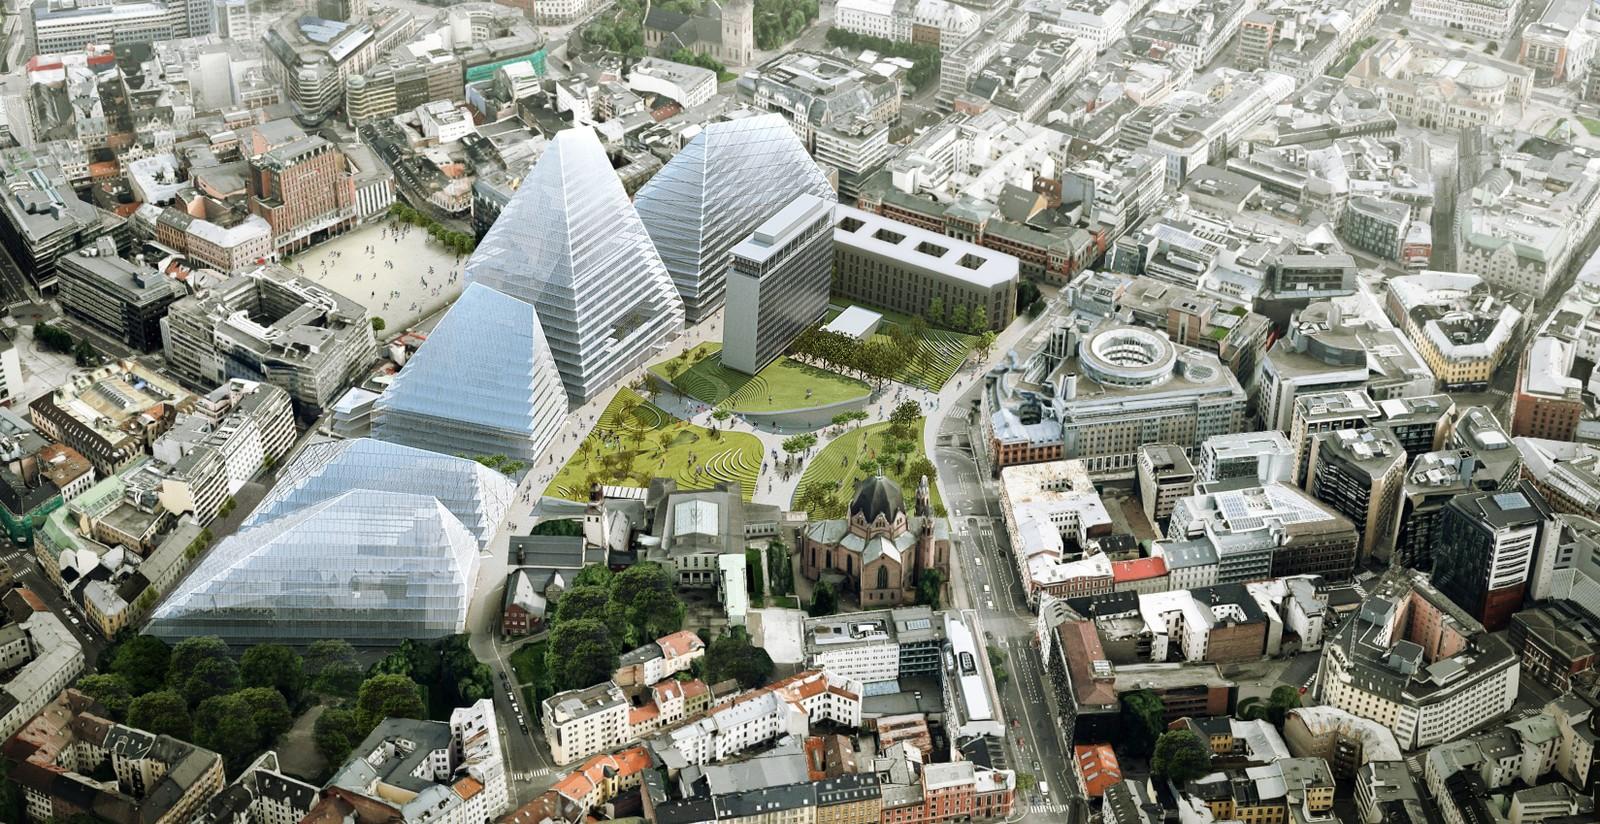 NUMMER 2 - BIG: BIG legger opp til å huse regjeringen og departementene i en rekke pyramidelignende høyhus med stor grunnflate.